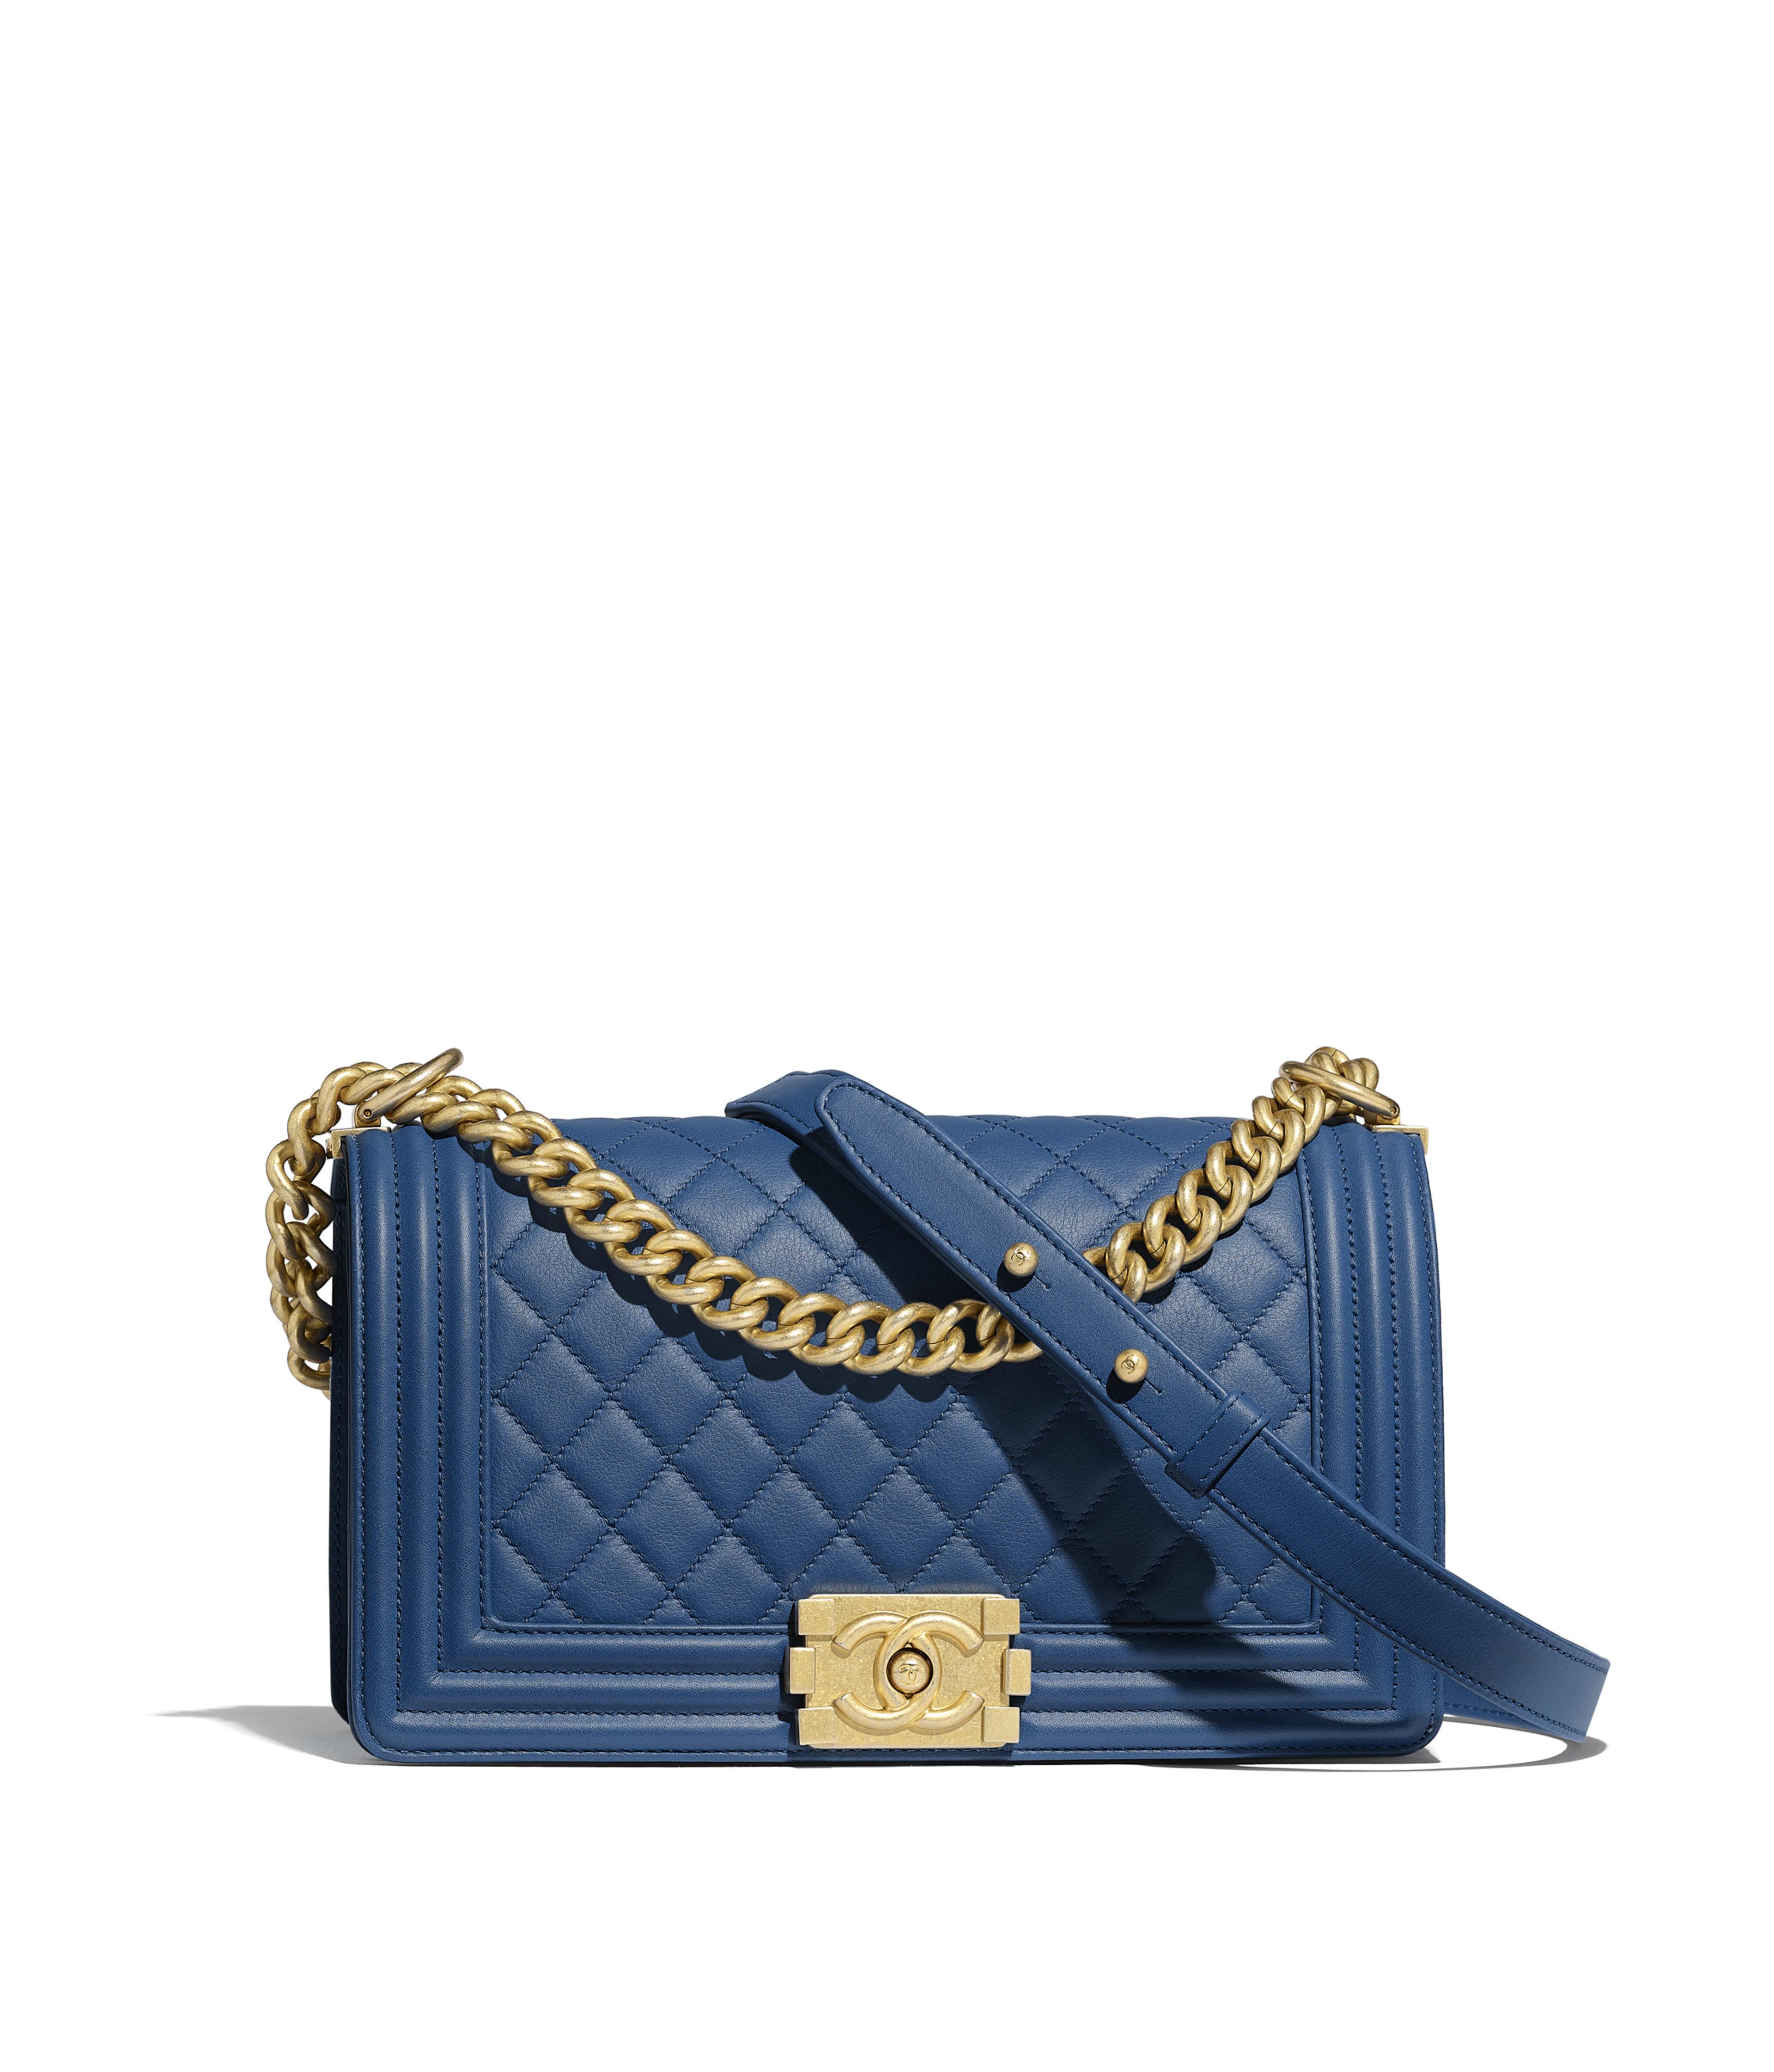 d0ffce5b9862 BOY CHANEL Handbag Calfskin & Gold-Tone Metal, Dark Blue Ref.  A67086Y09939N0901